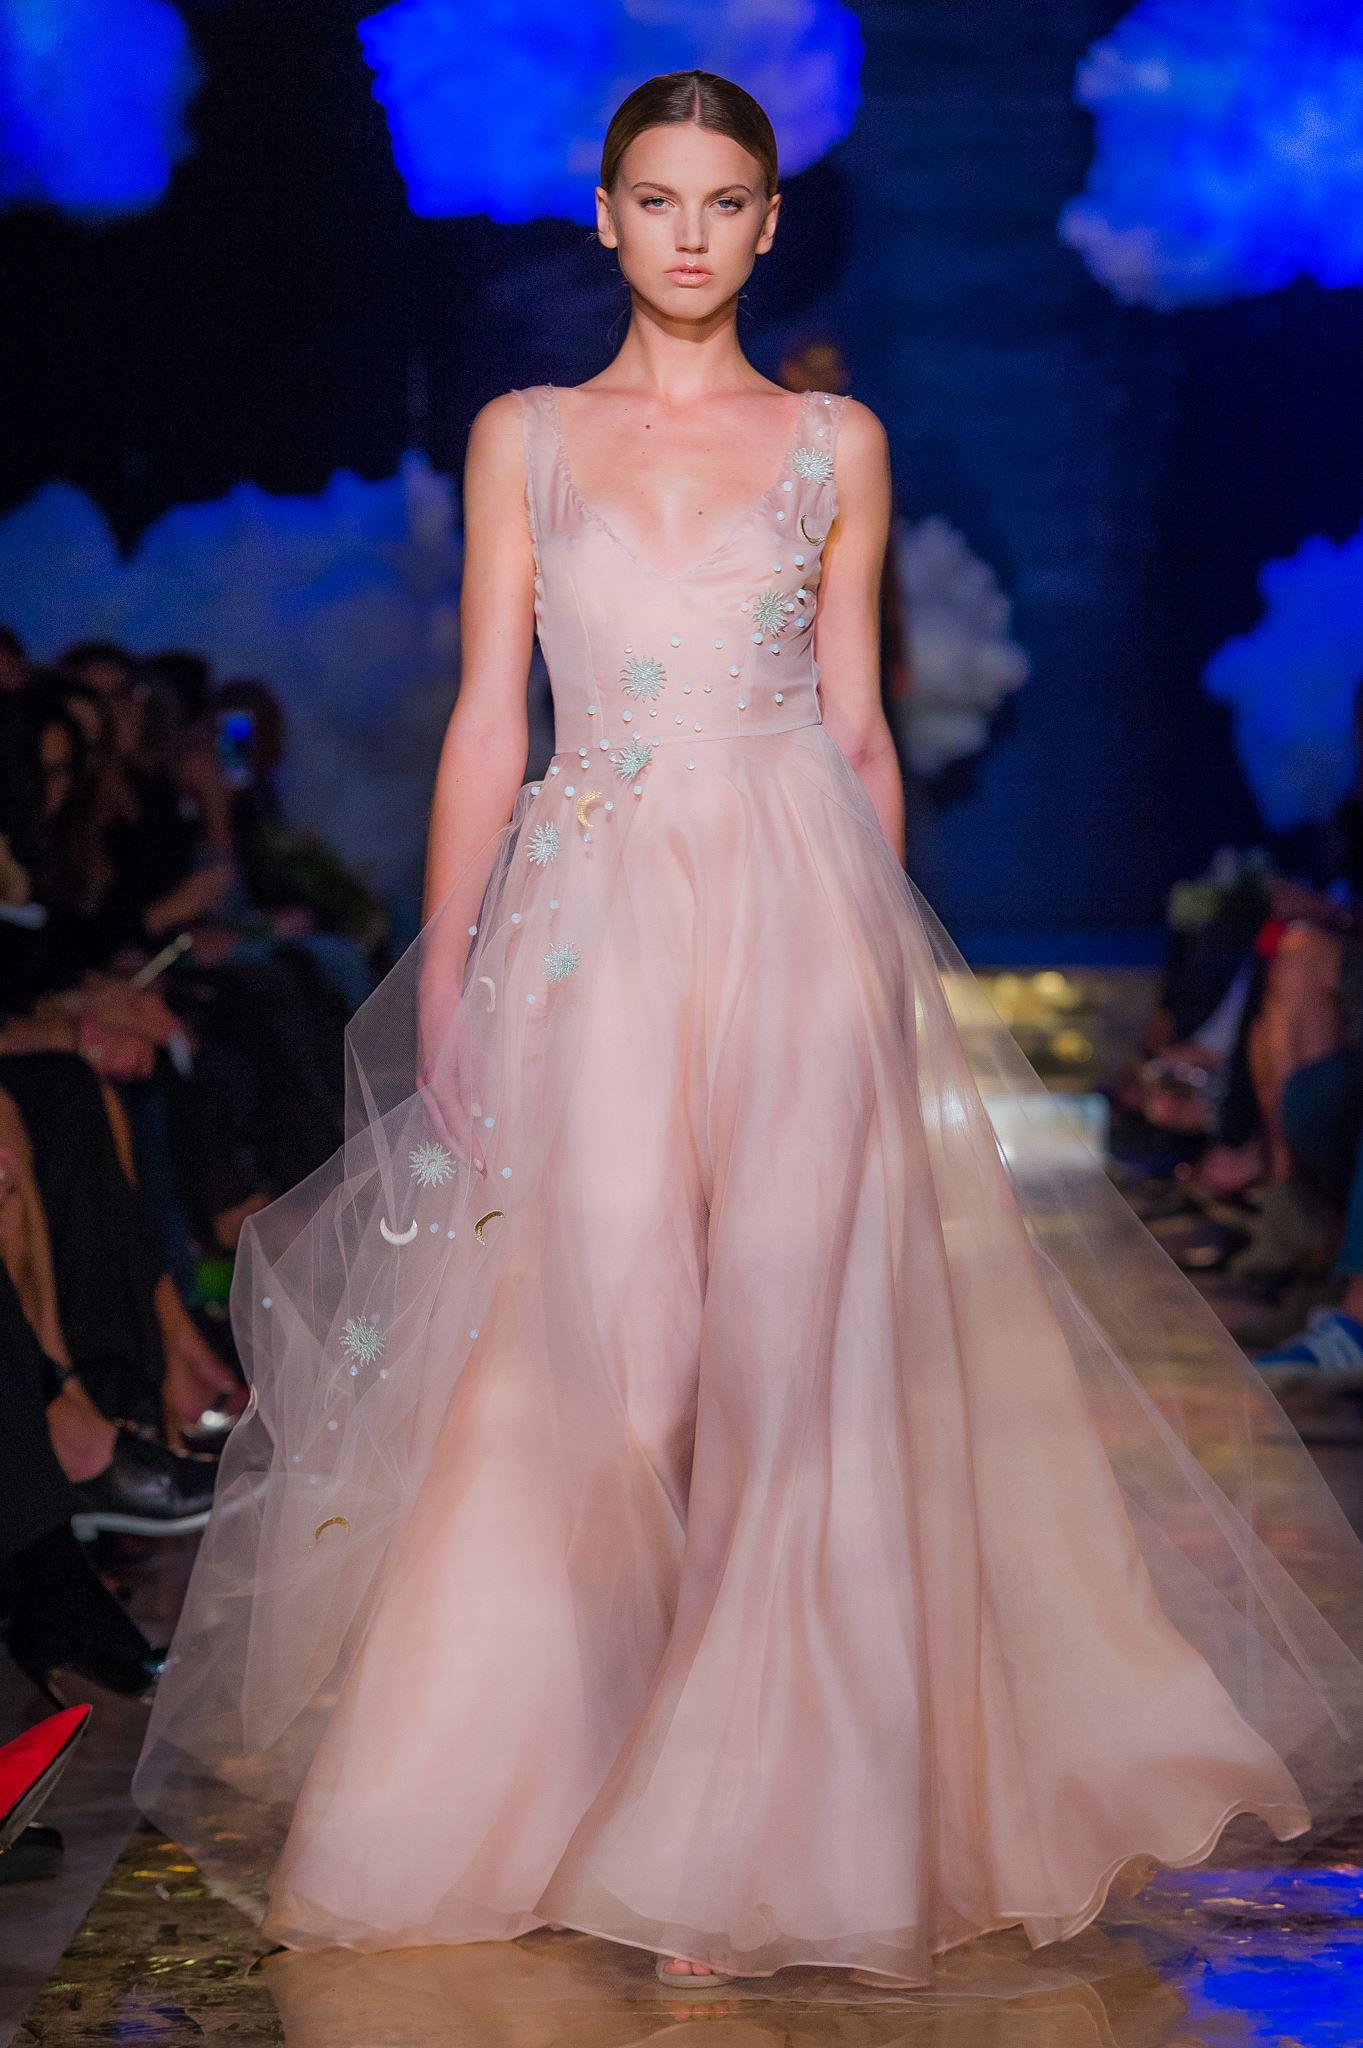 74_maciejzien_190916_web_fot_filip_okopny_fashion_images